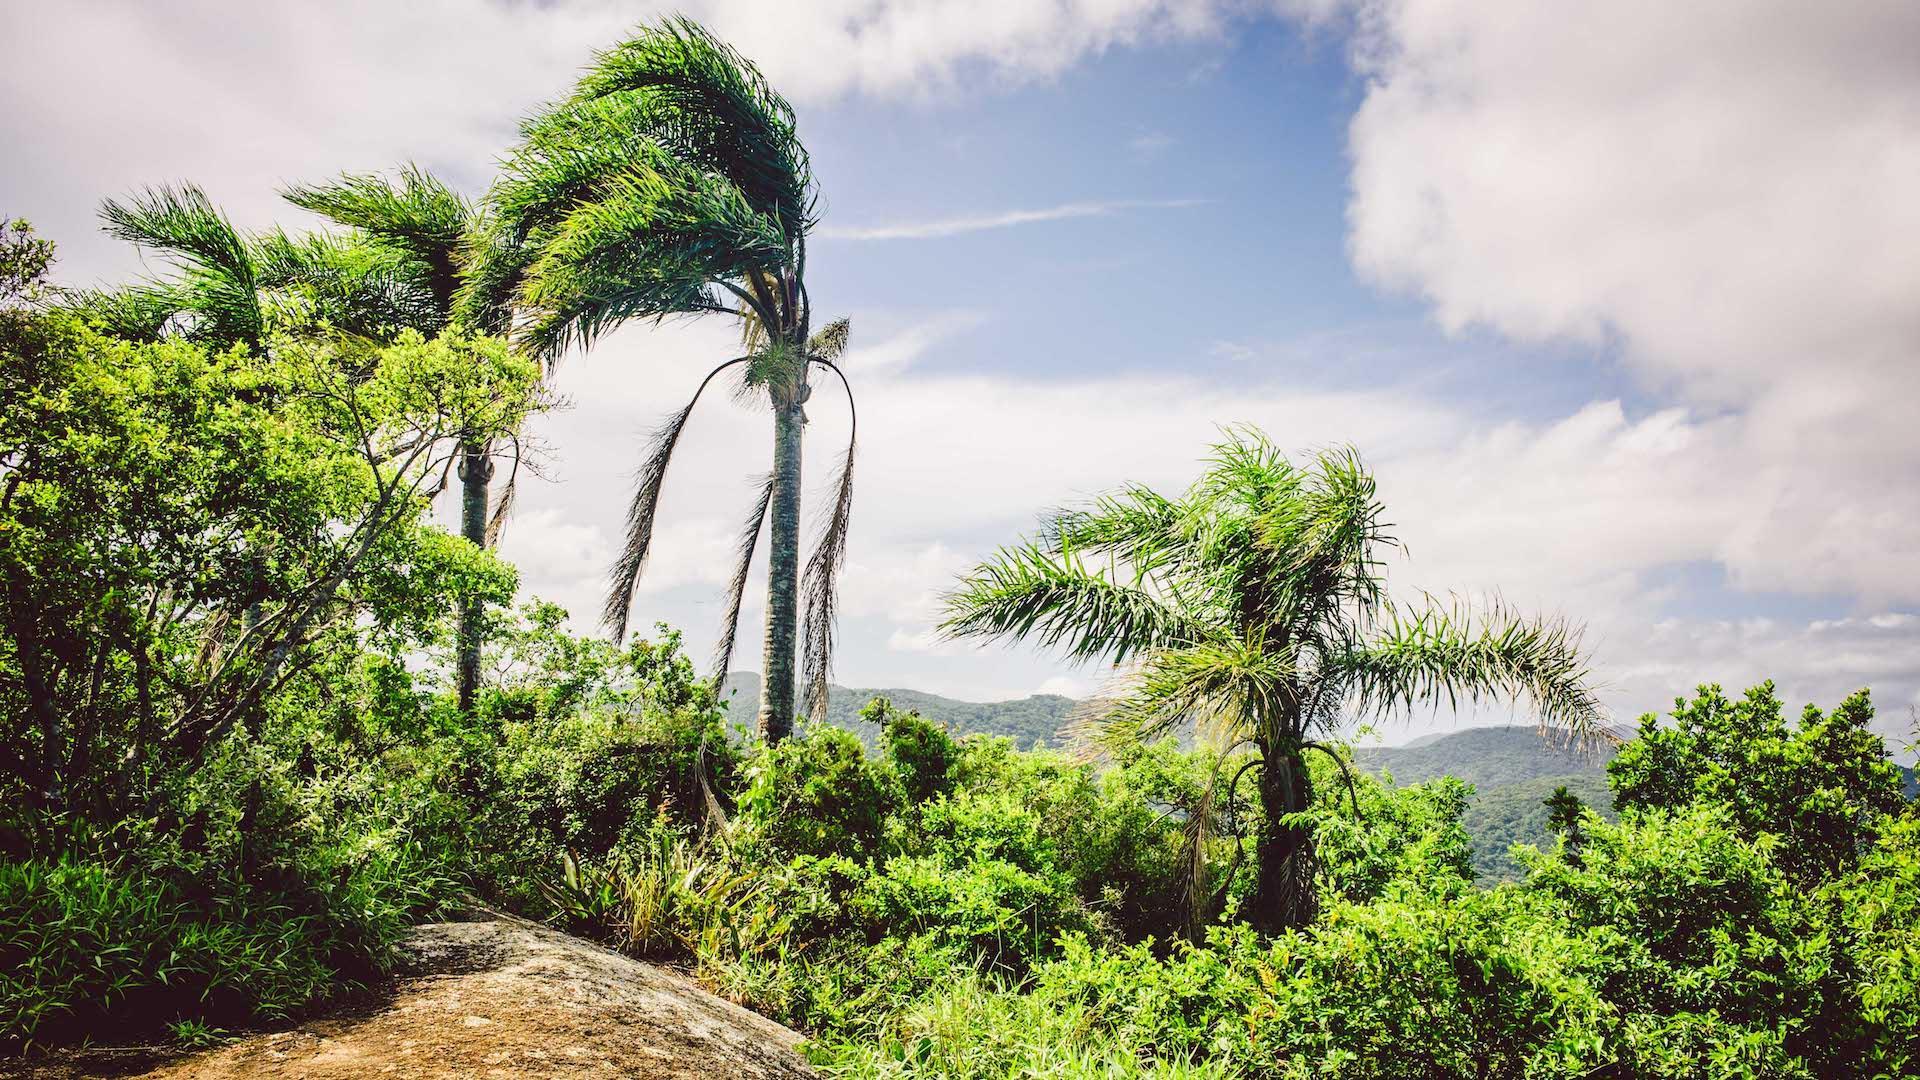 Atlantischer Regenwald in Florianopolis